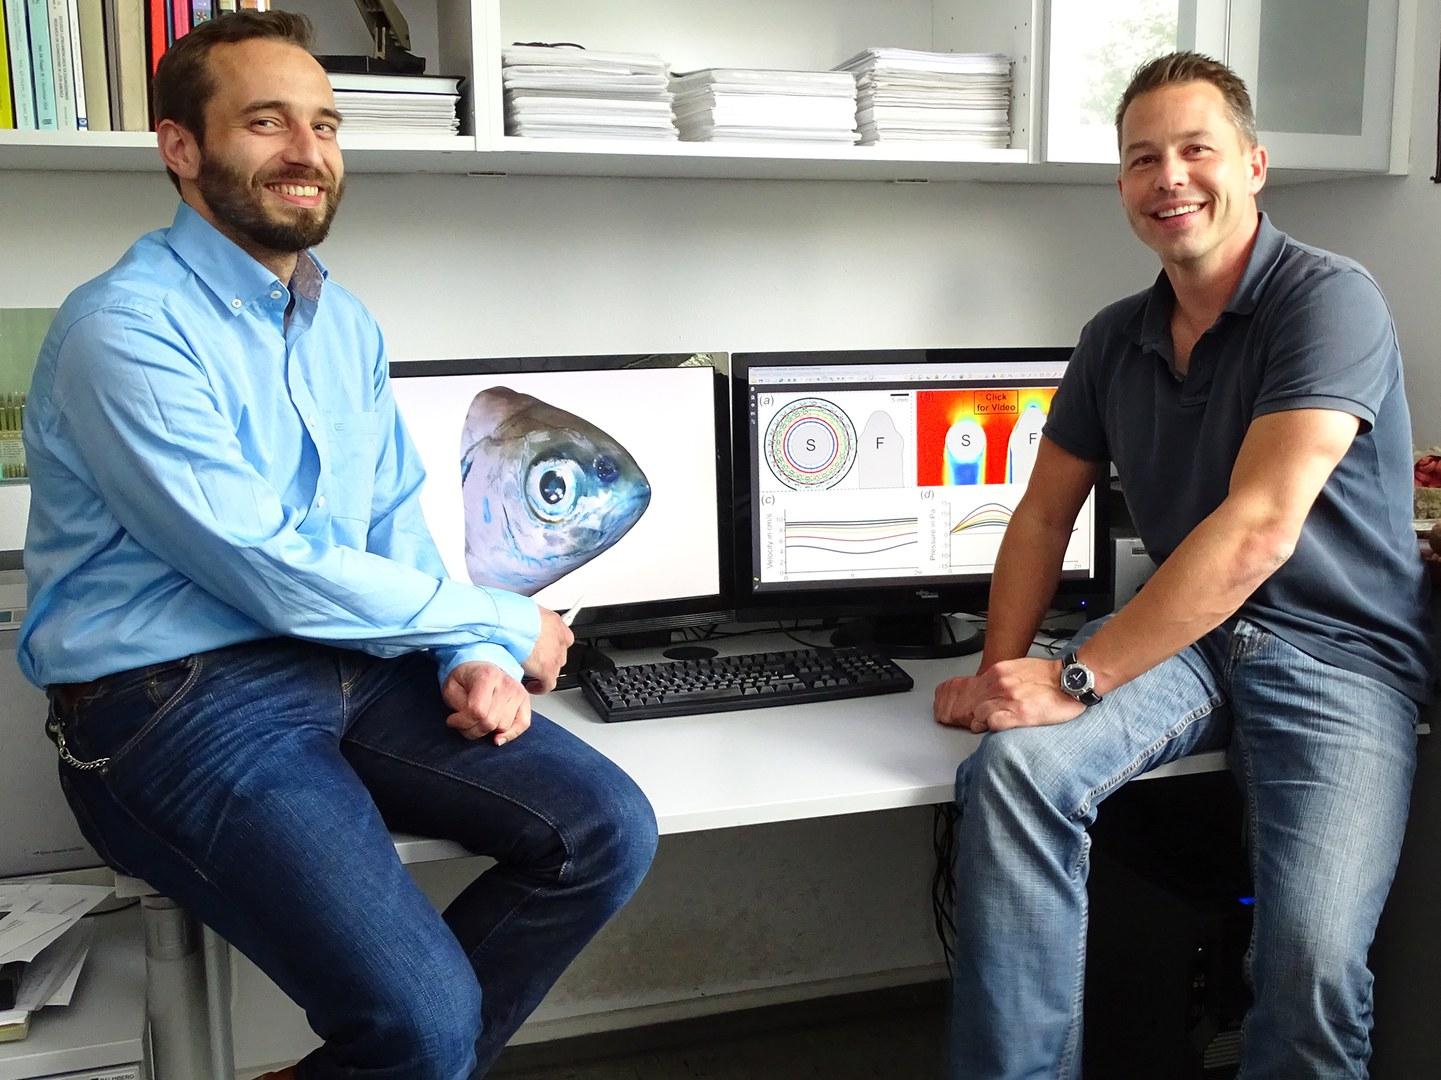 Dr. Hendrik Herzog (left) and Dr. Alexander Ziegler